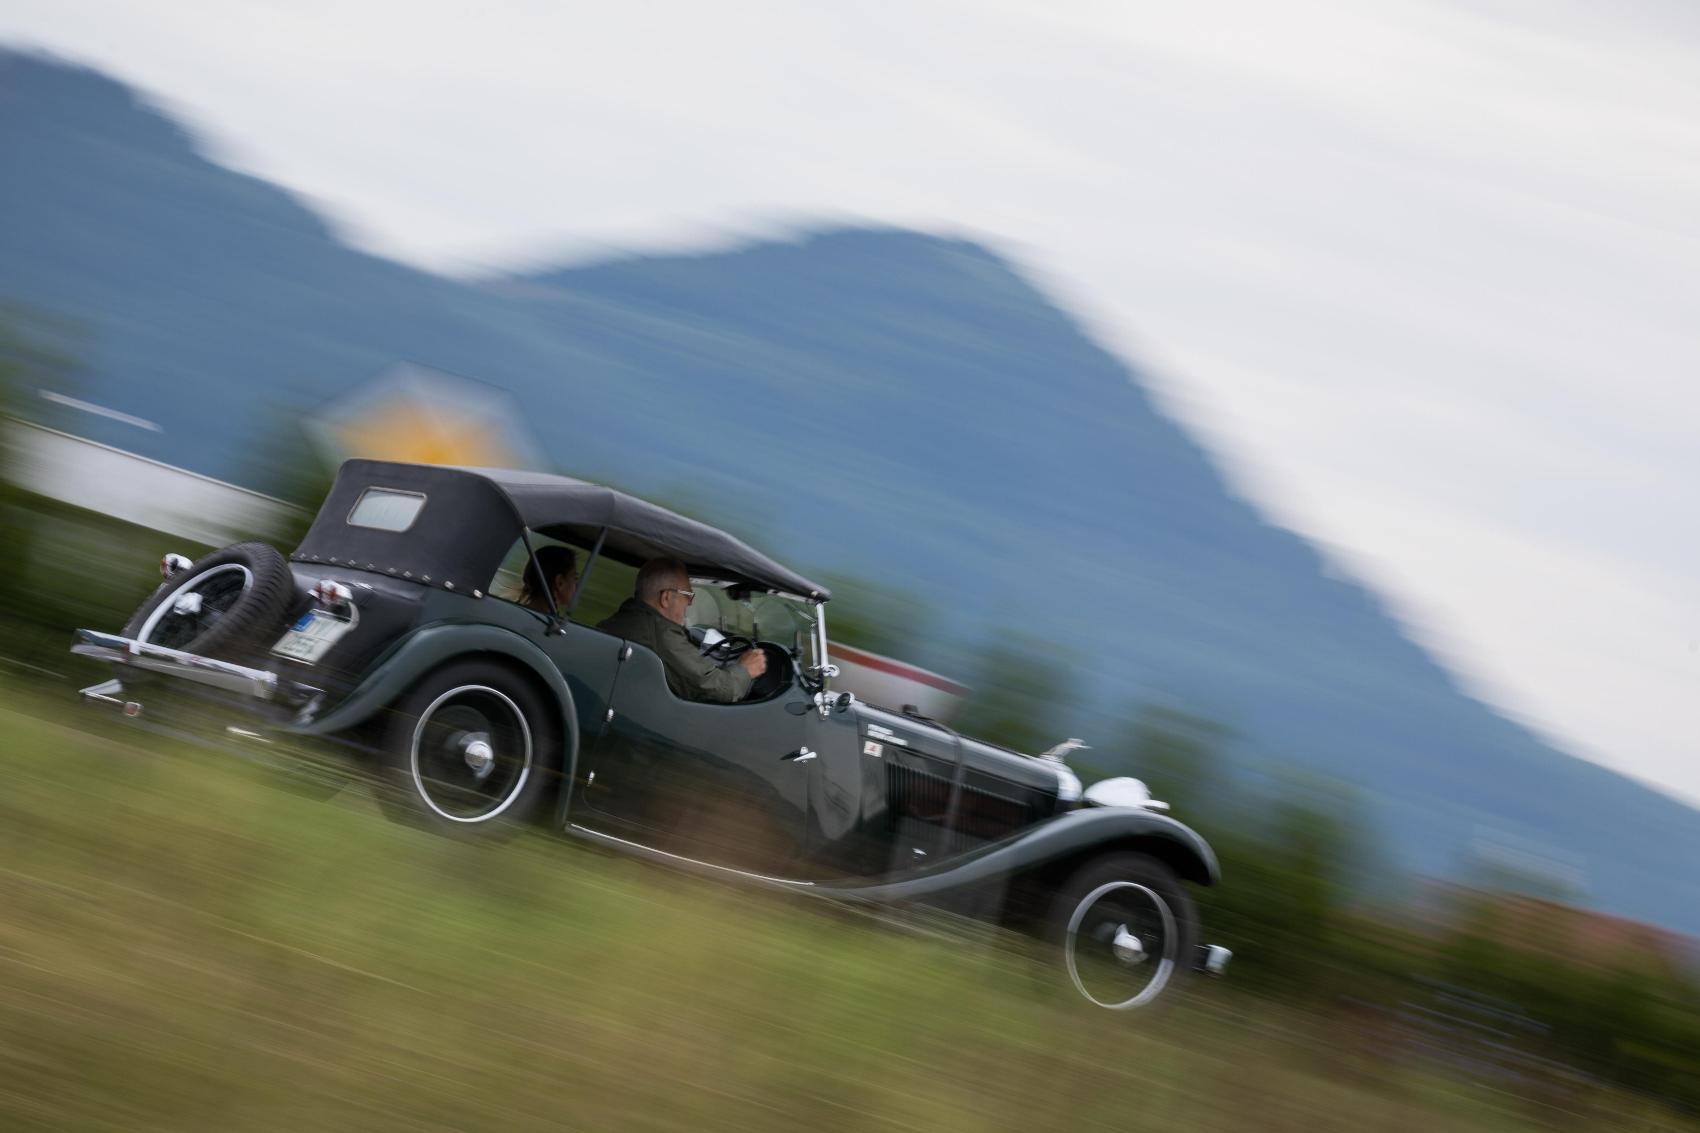 Pozrite si galériu z podujatia Beskyd Rallye – memoriál Ladislava Dlhopolčeka 2020 jBad9h4M9T turzov